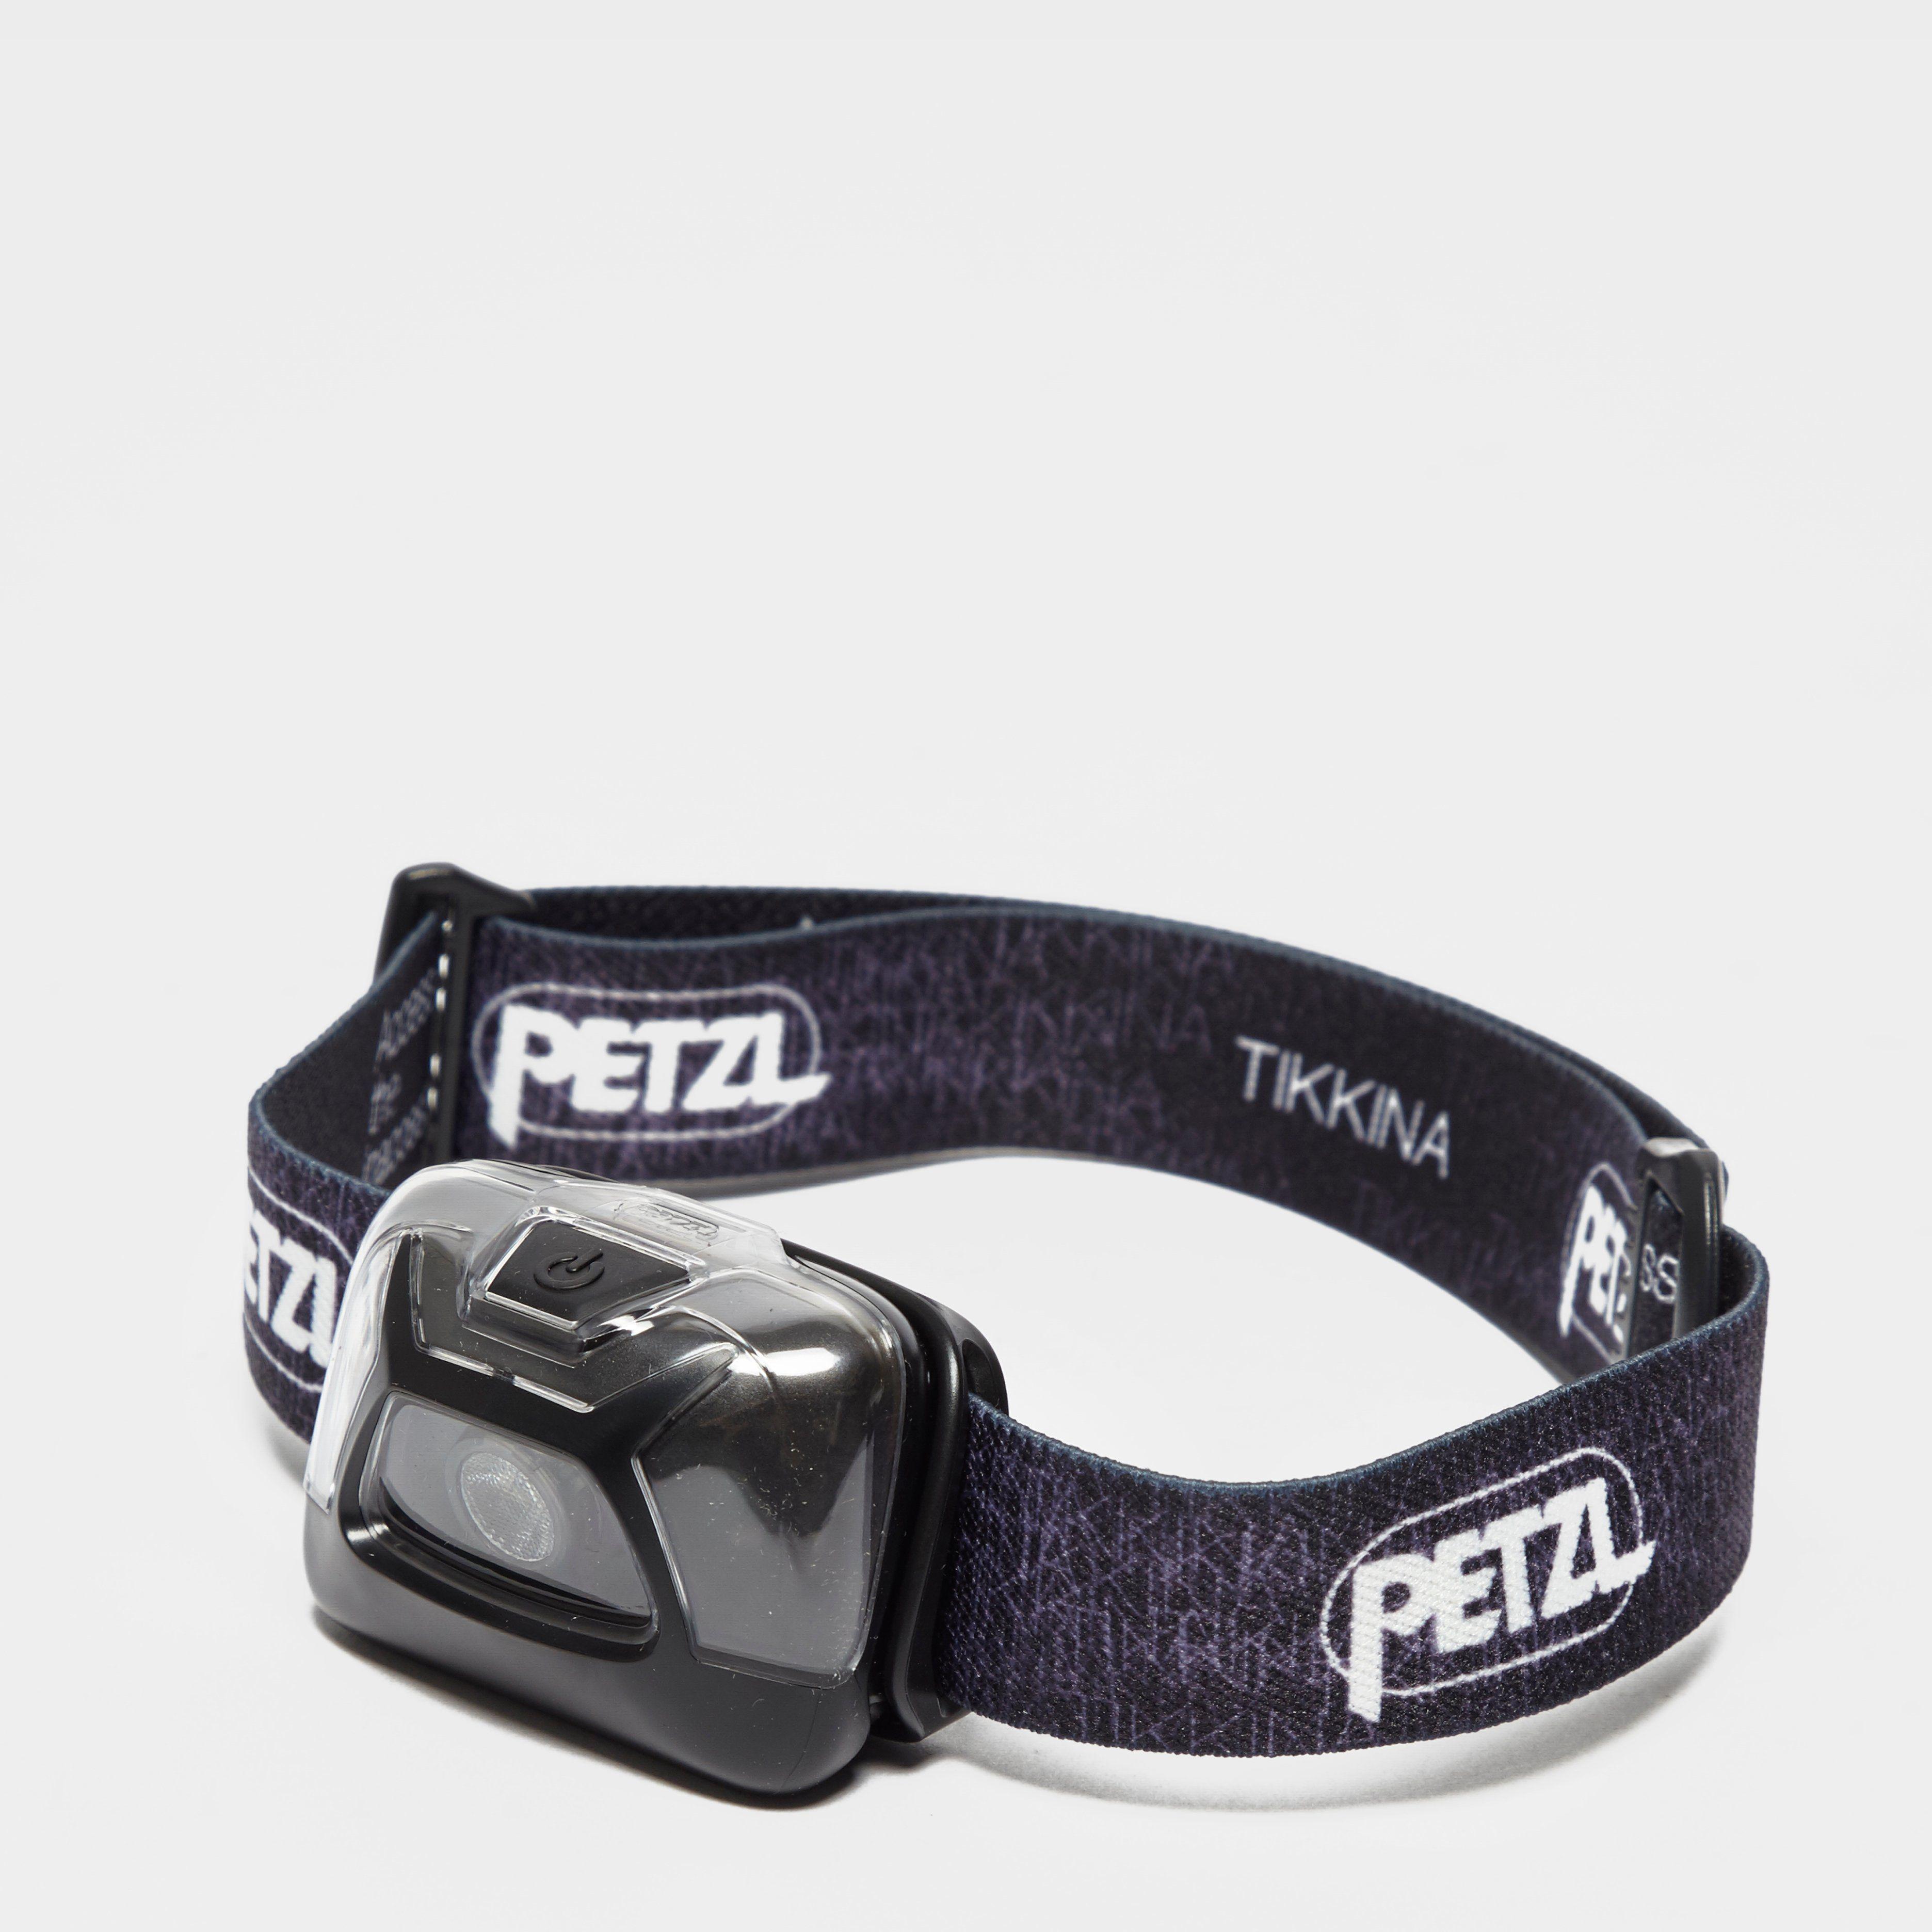 PETZL Tikkina Headtorch